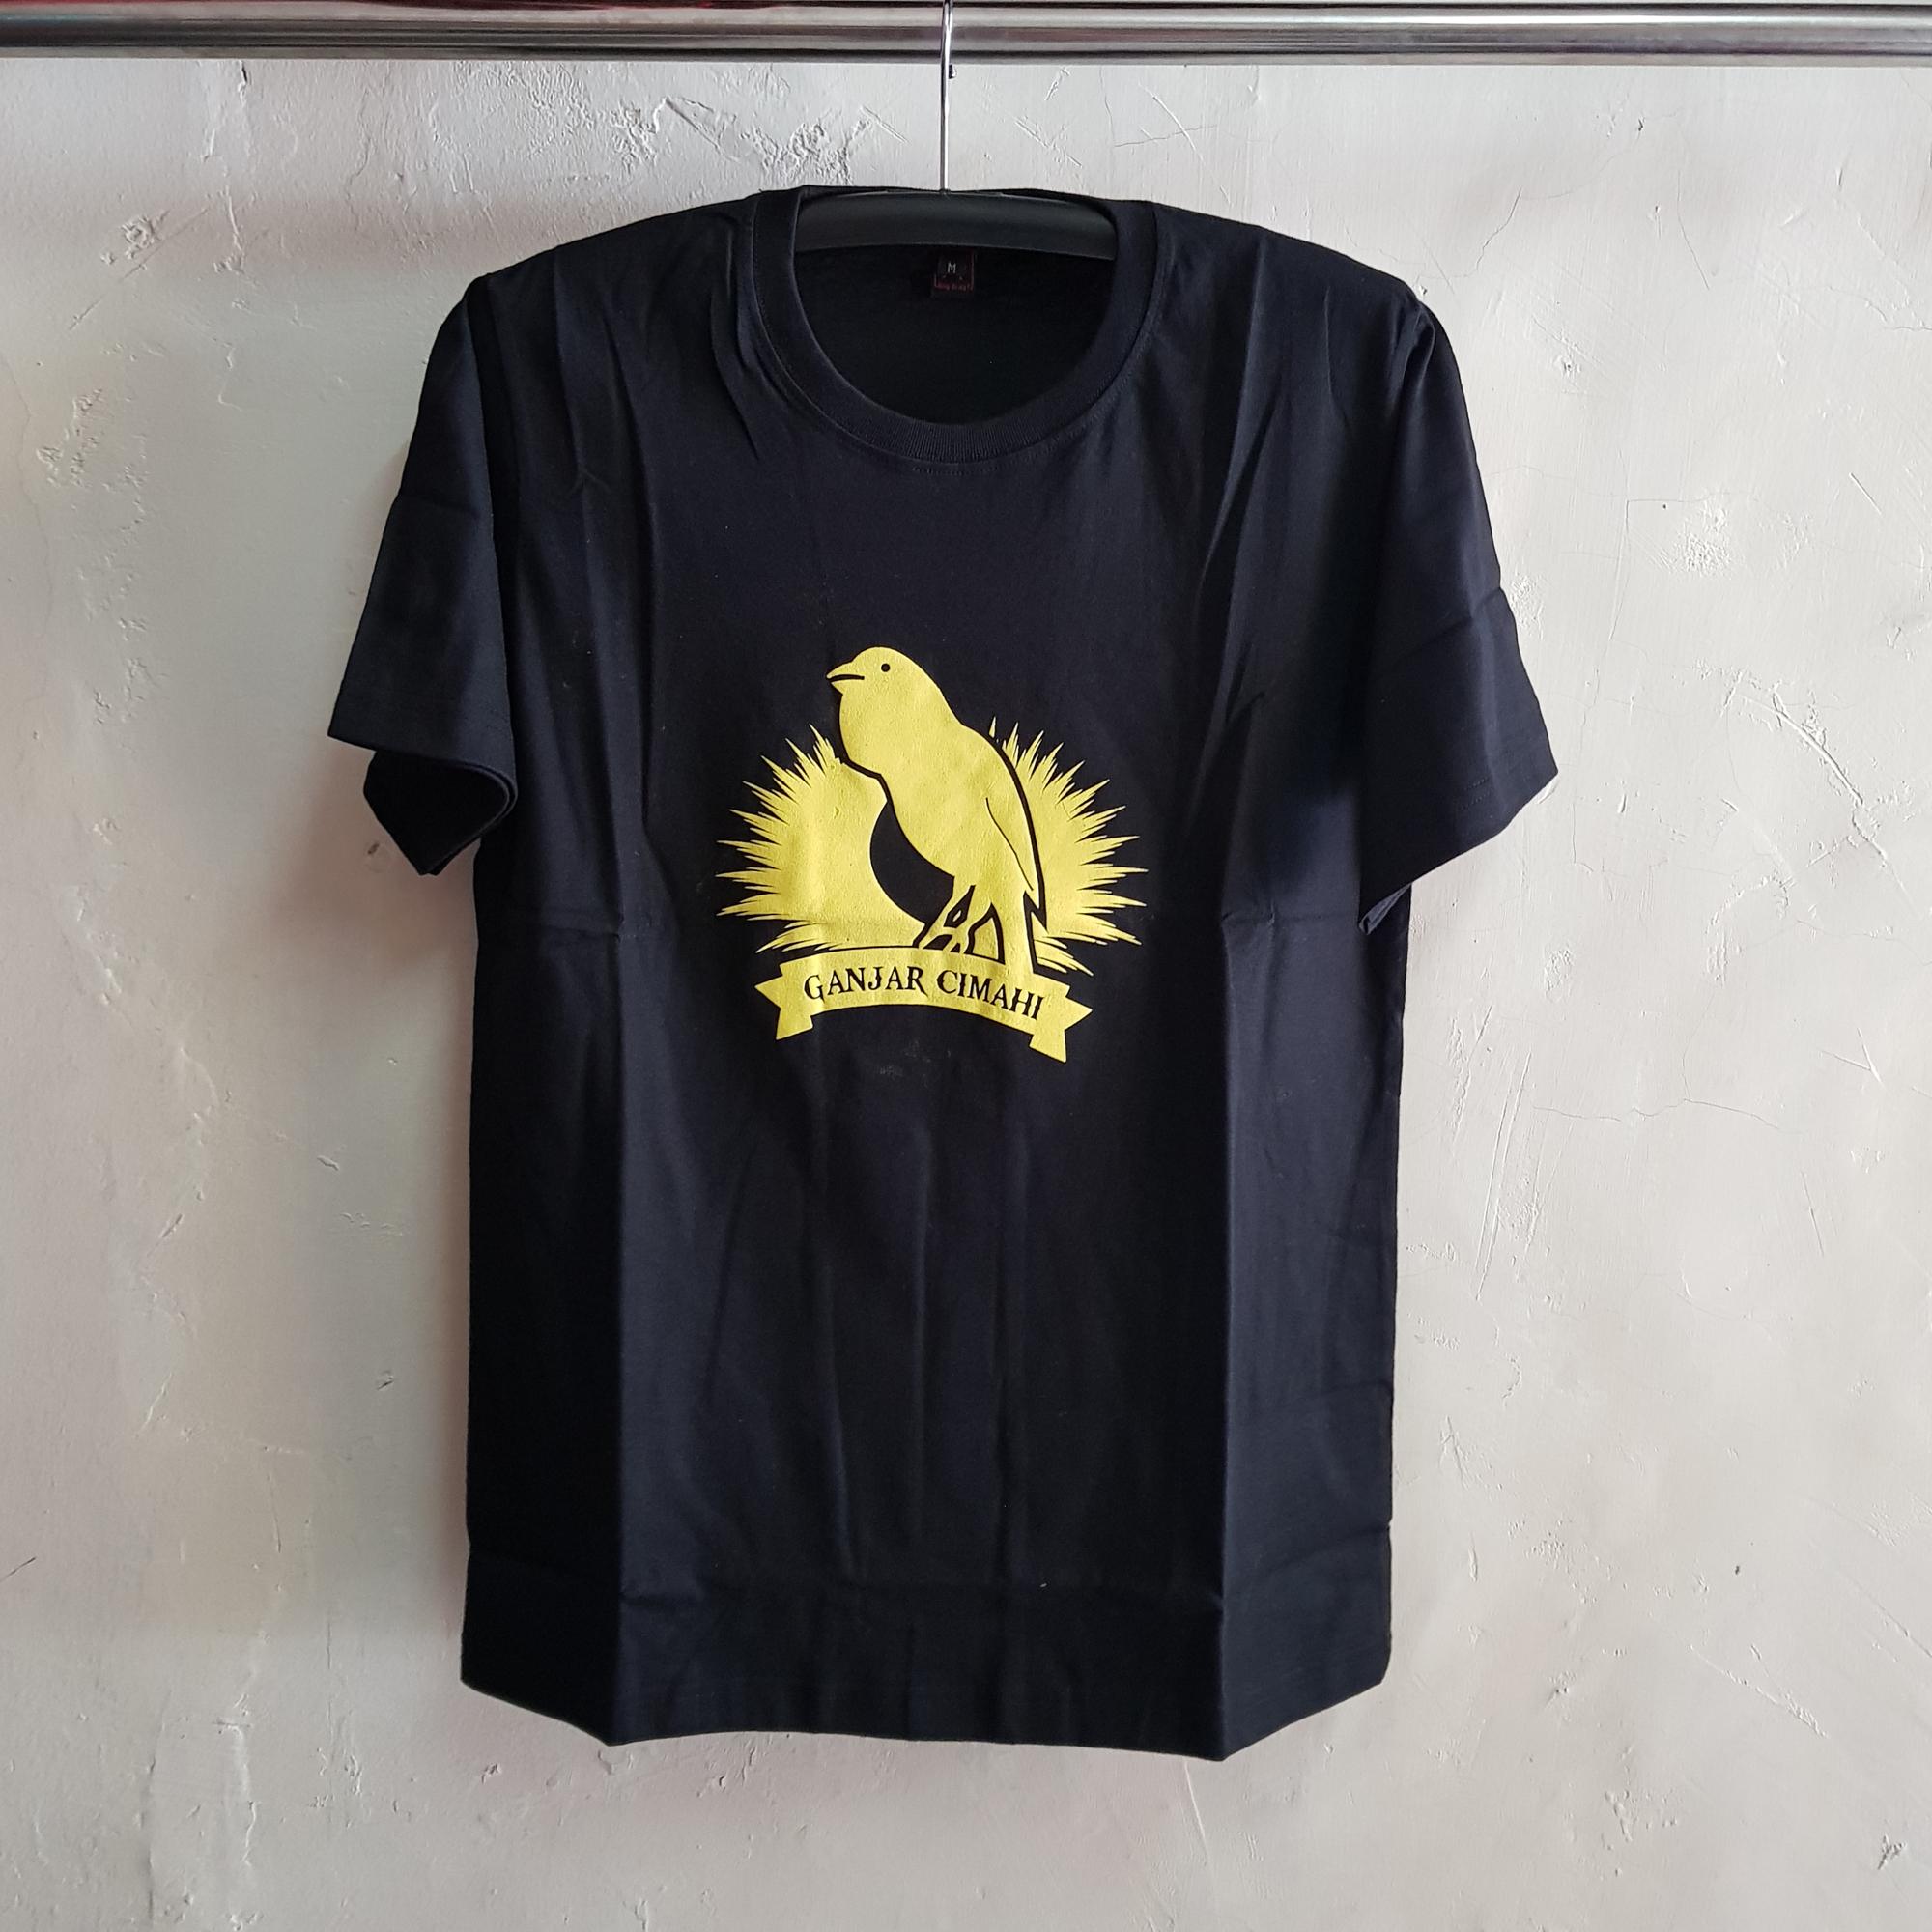 Kaos Oblong GC, T-Shirt Cotton Combad